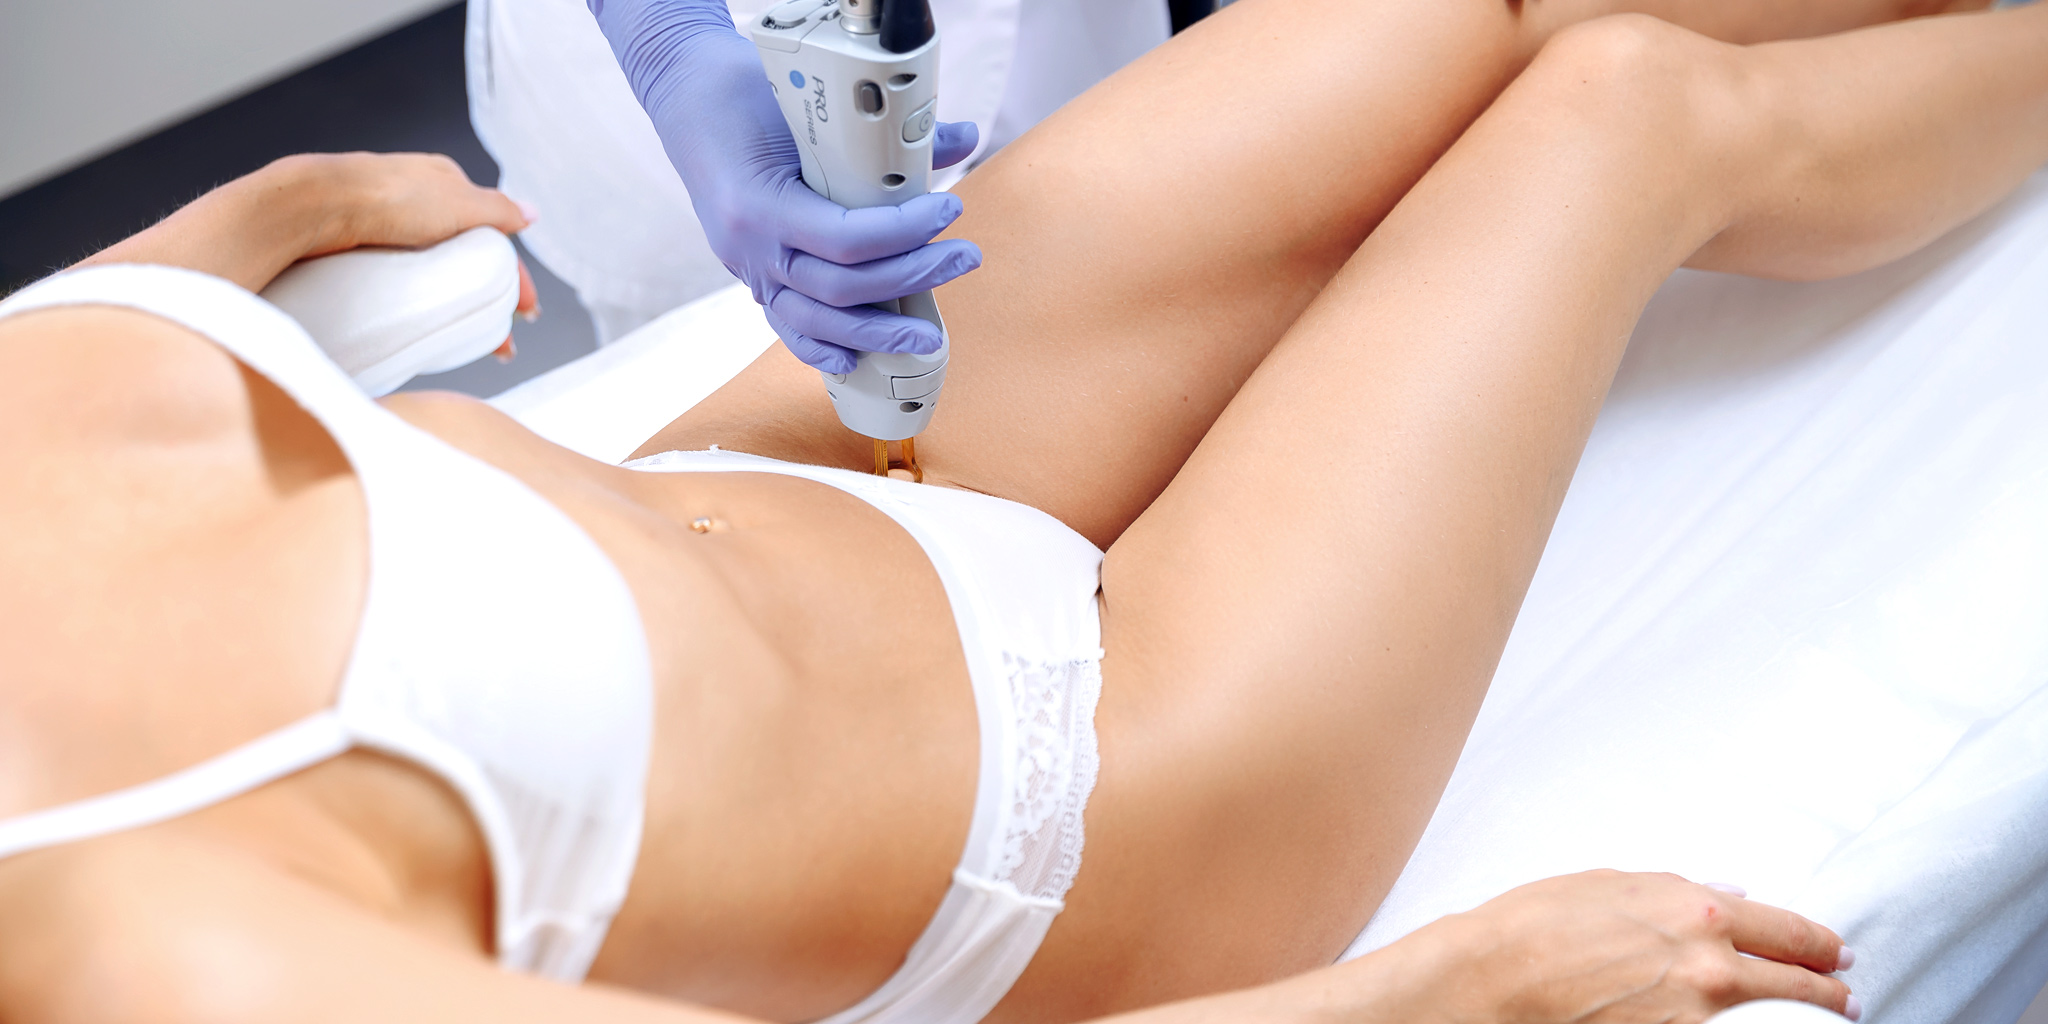 Фотоэпиляция бикини: плюсы и минусы, противопоказания, побочные эффекты, особенности проведения процедуры